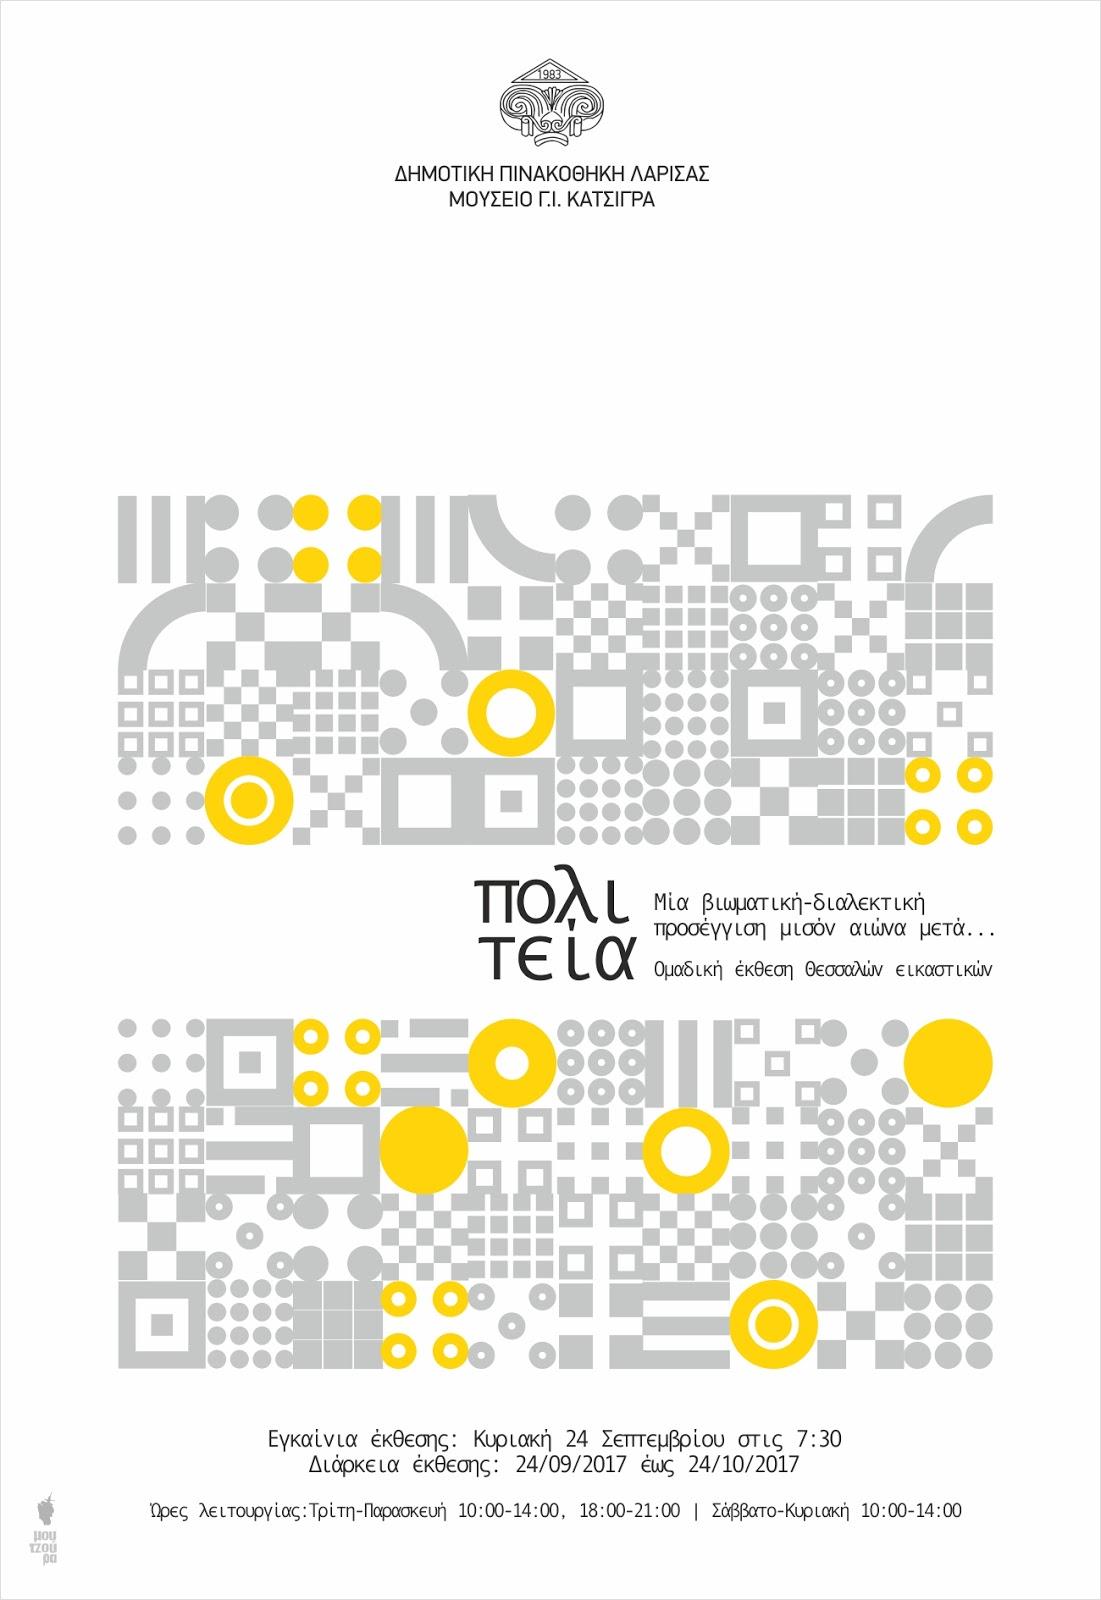 """Η ομαδική έκθεση Θεσσαλών εικαστικών με τίτλο """"ΠΟΛΙΤΕΙΑ"""" εγκαινιάζεται στην Δημοτική Πινακοθήκη Λάρισας"""